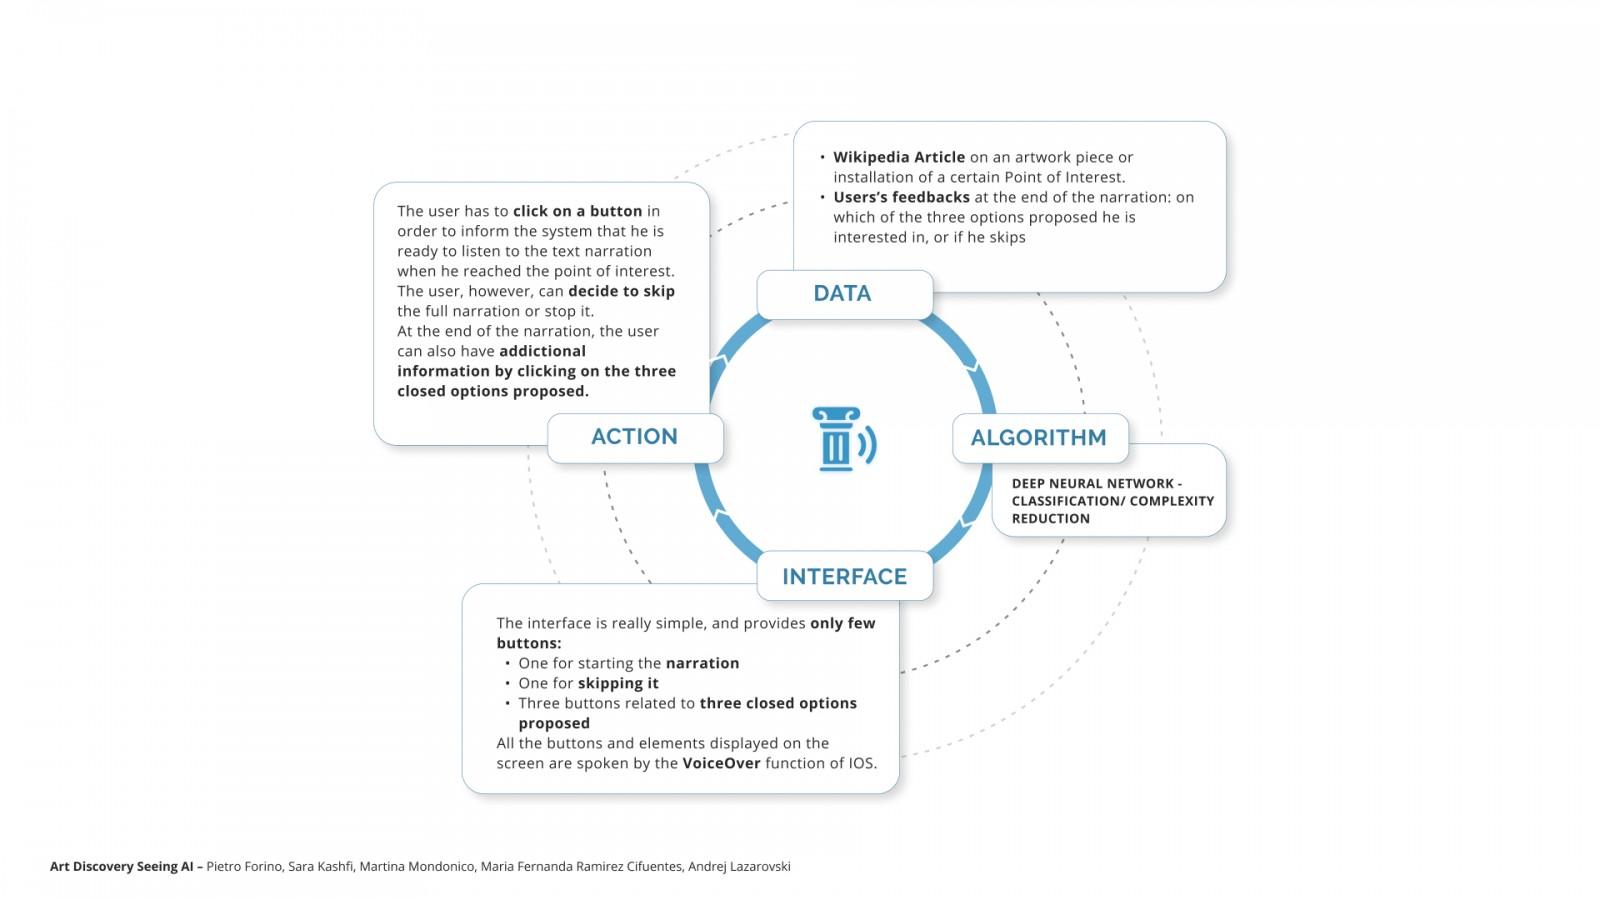 Envisioning AI through Design-1